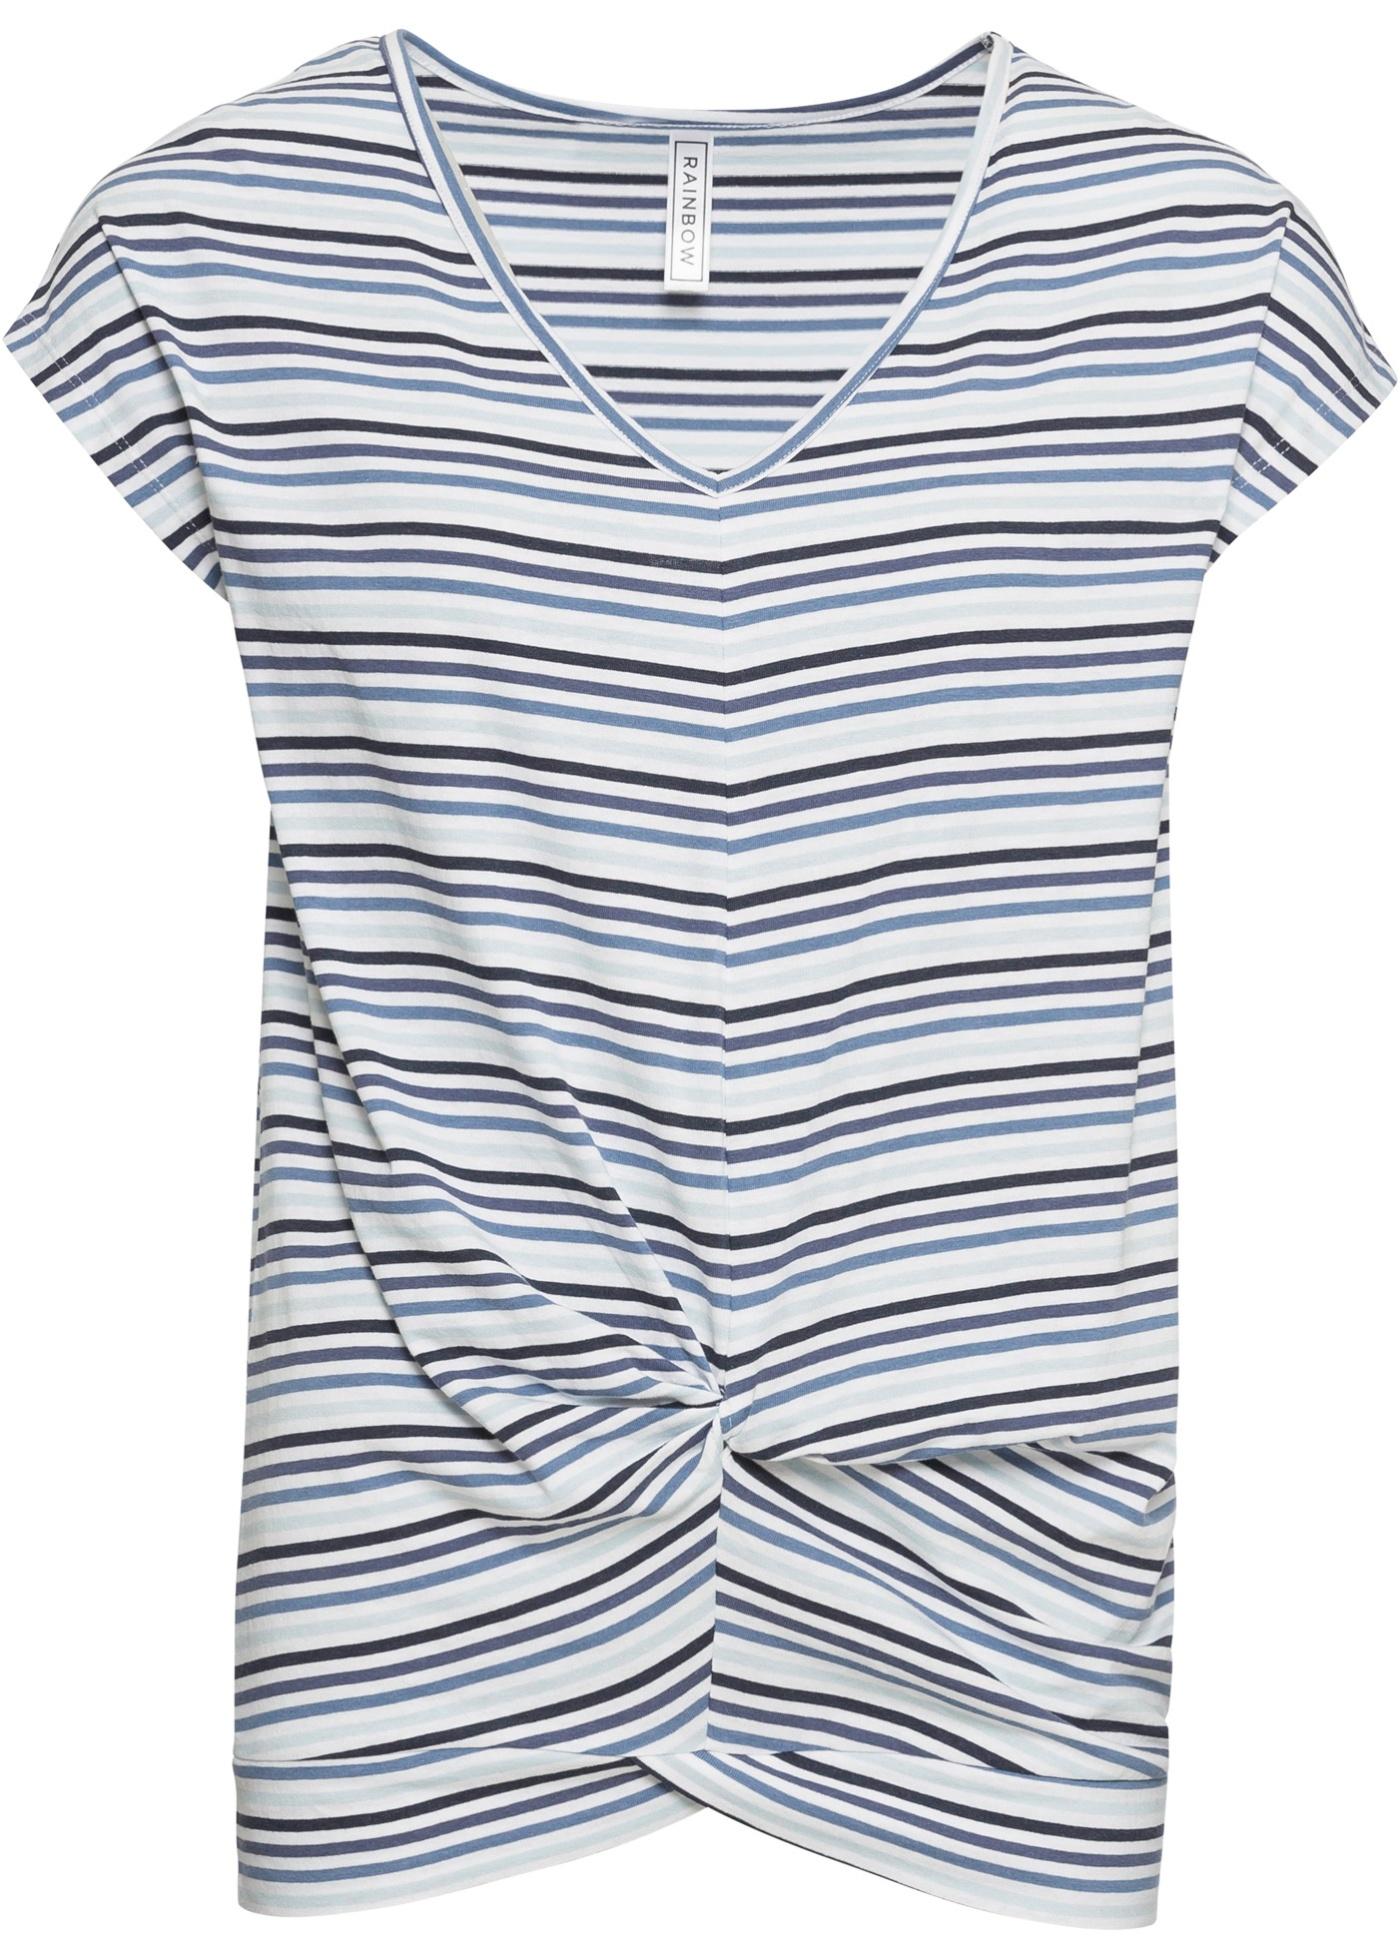 Courtes Pour Rayé Détail Manches Rainbow shirt Femme Avec Nœud BonprixT Bleu XnOP8w0k